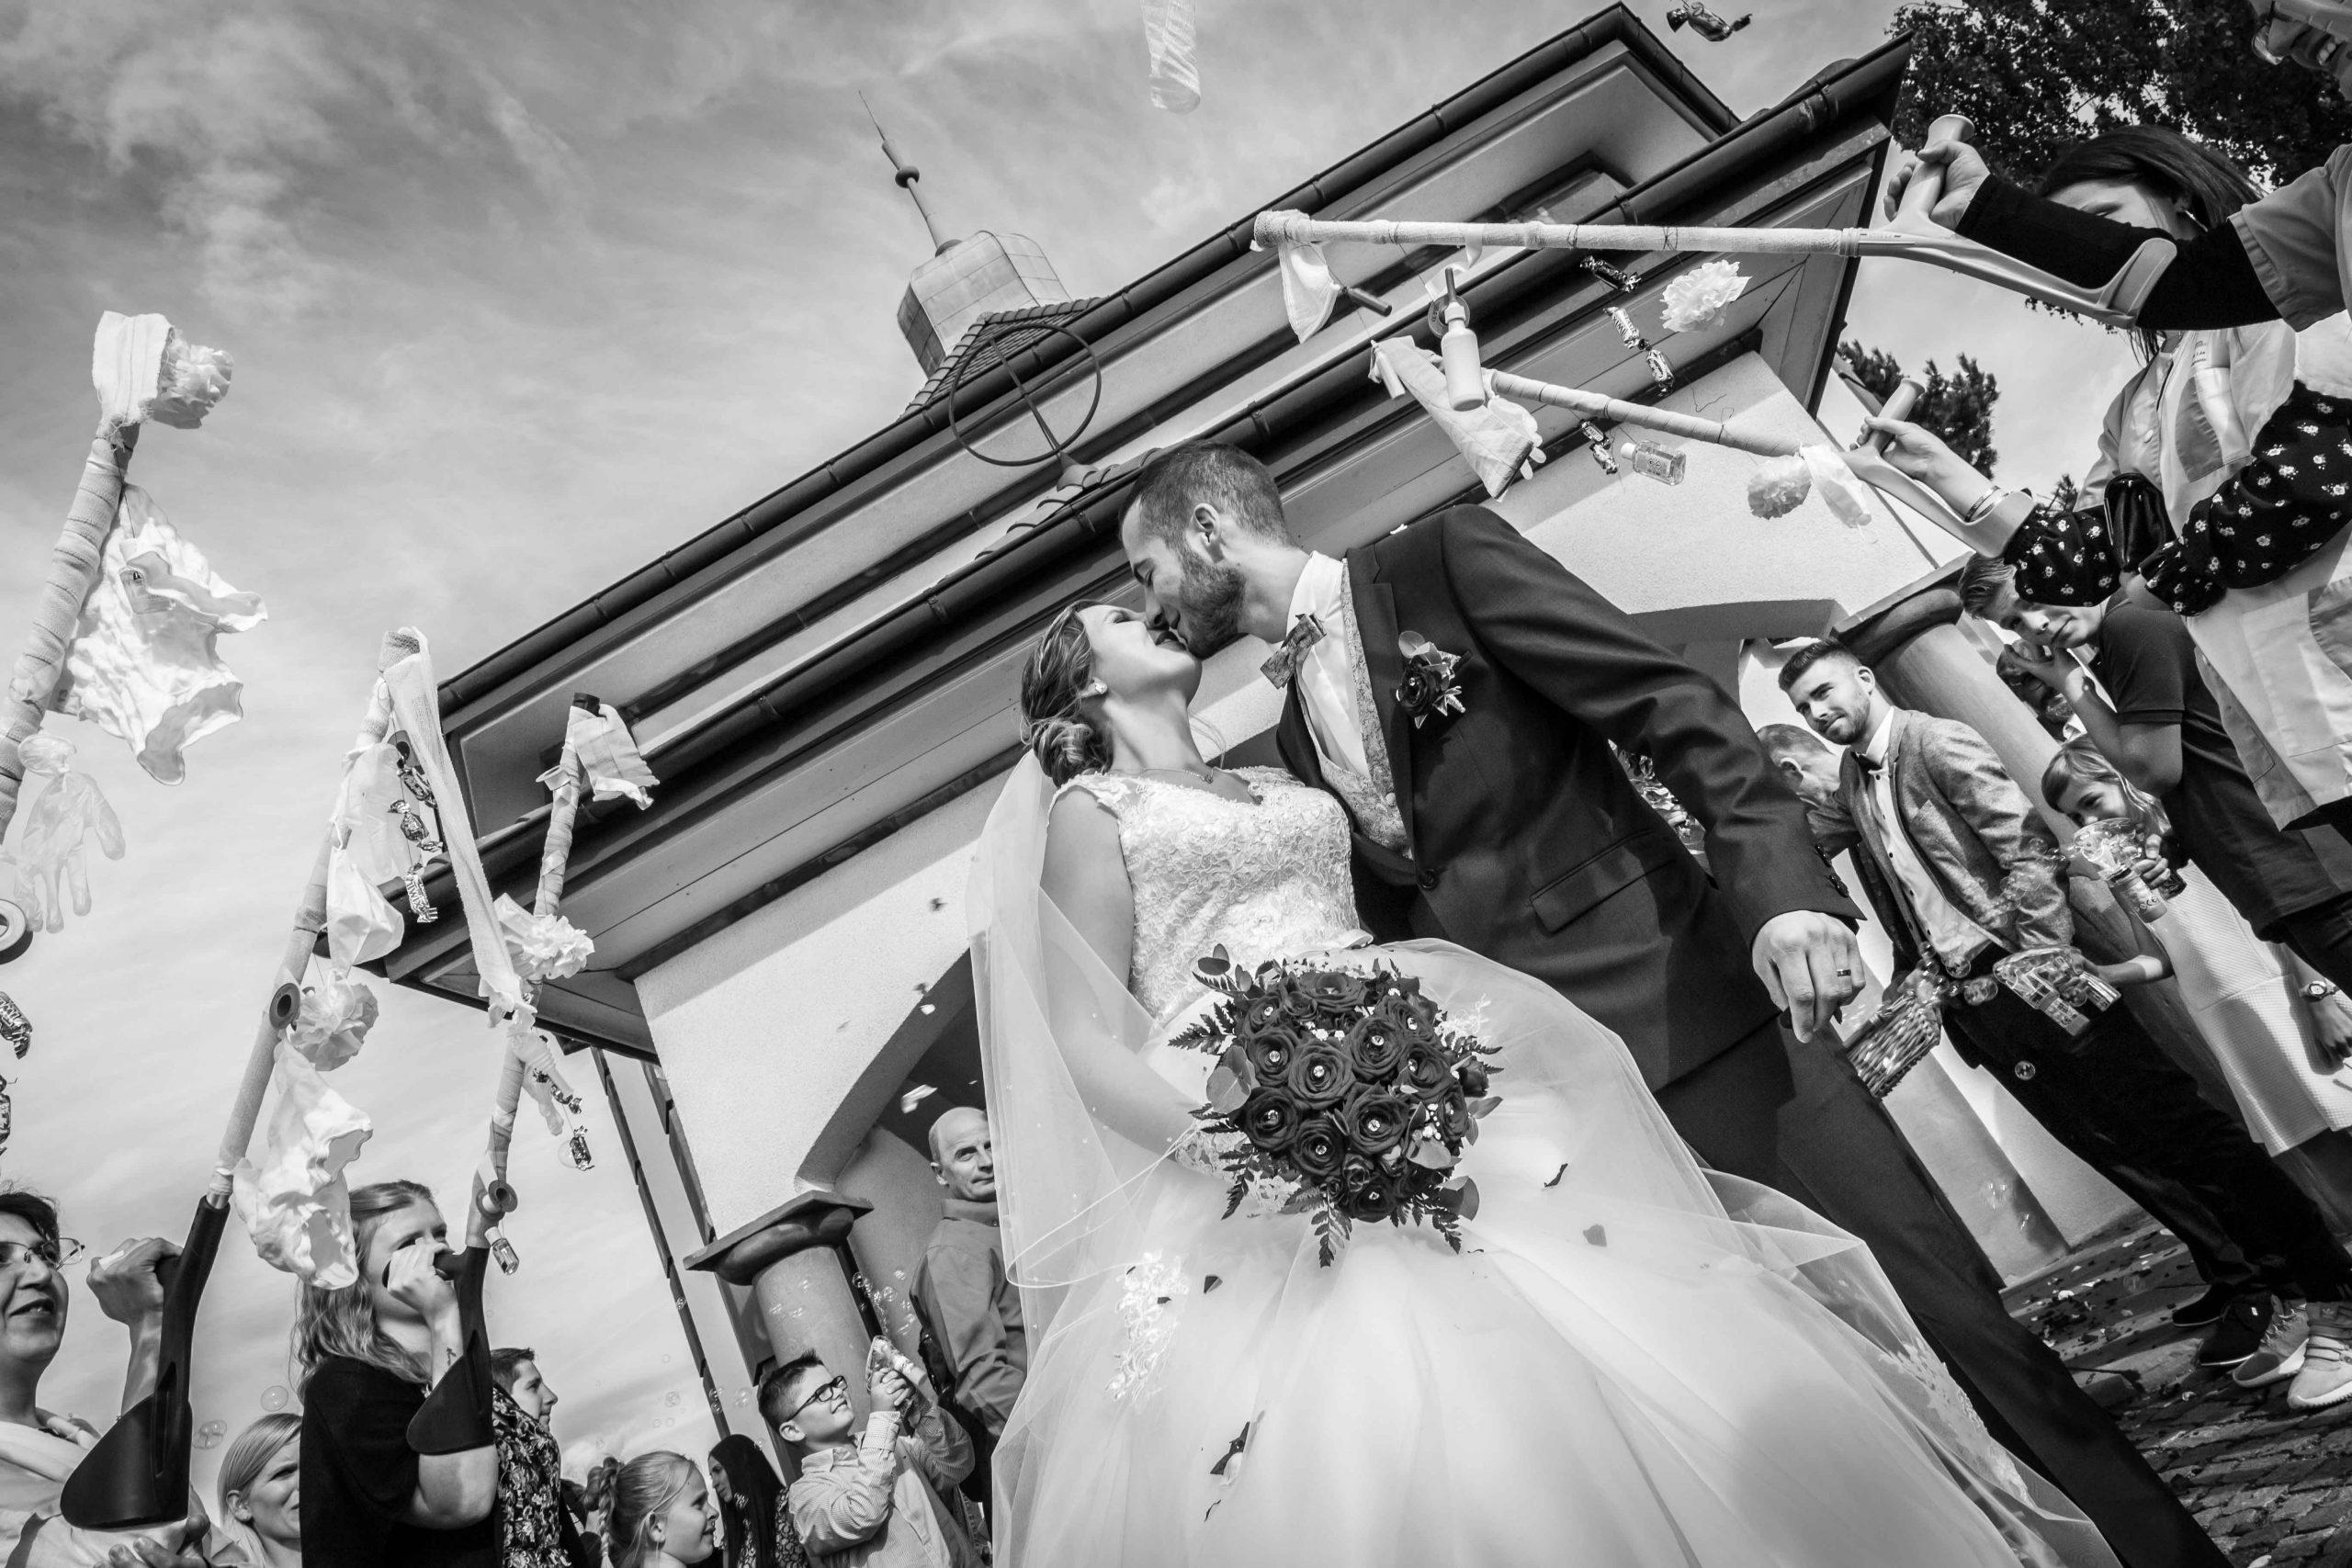 sortie d'église pour les mariés en Alsace